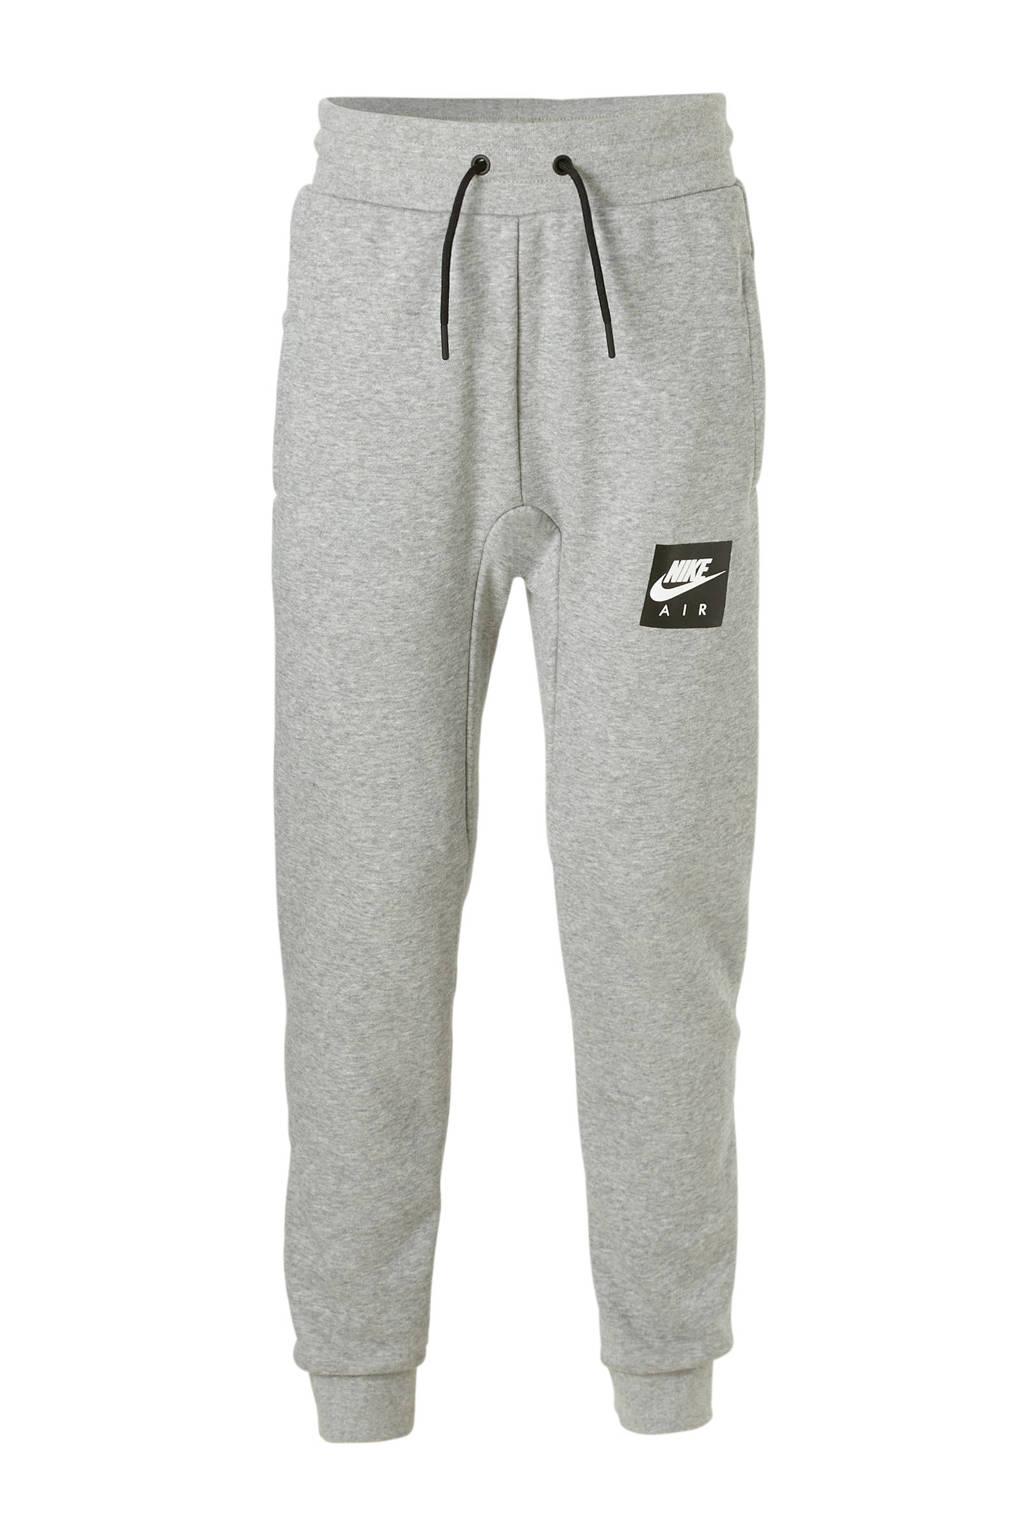 Nike   B Air Pant joggingbroek lichtgrijs, Lichtgrijs